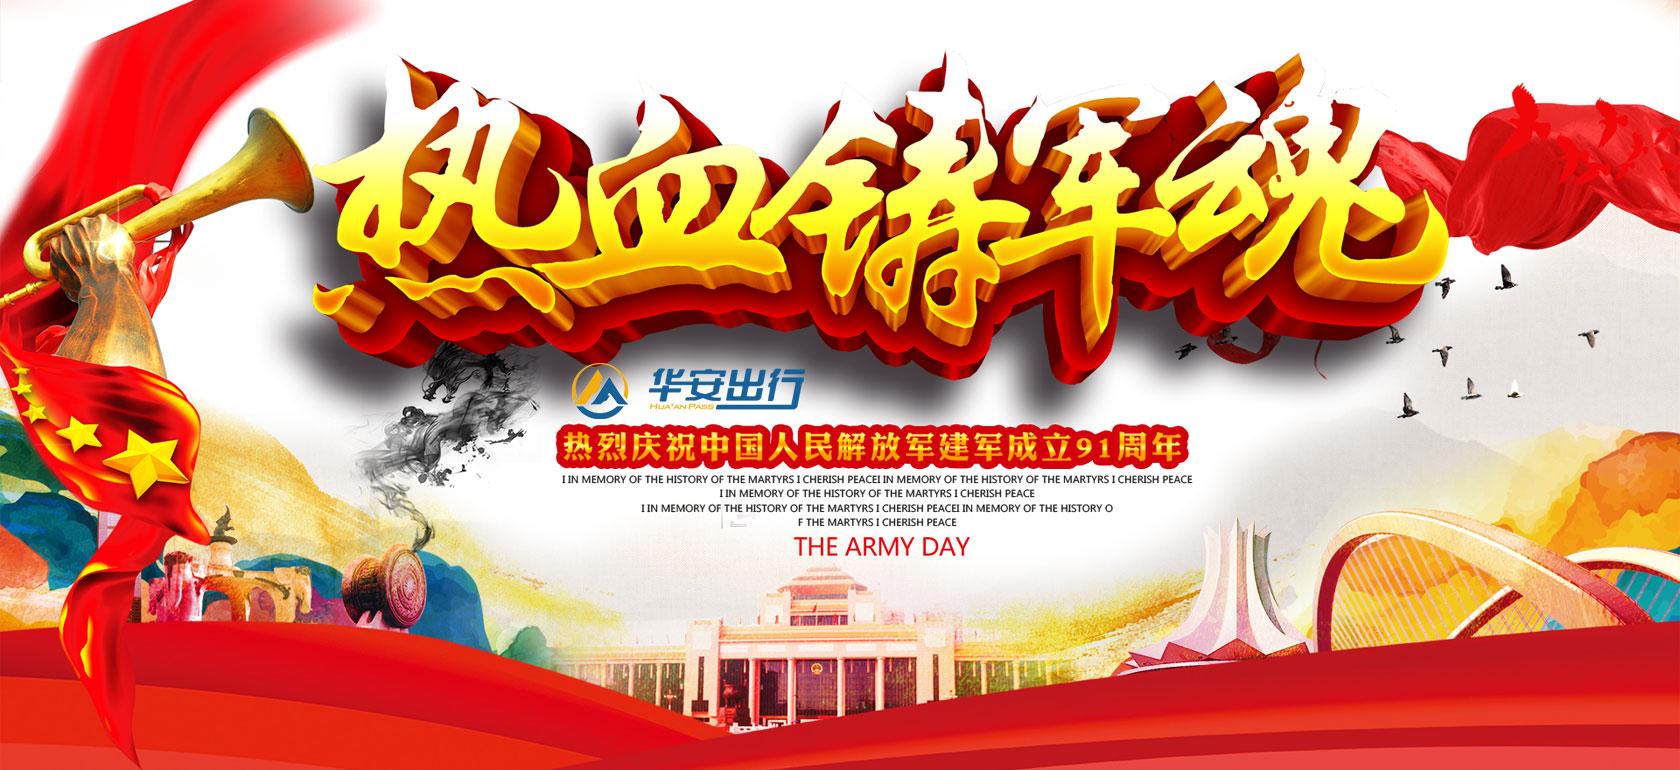 华安出行热烈庆祝中国人民解放军建军成立91周年!致敬!